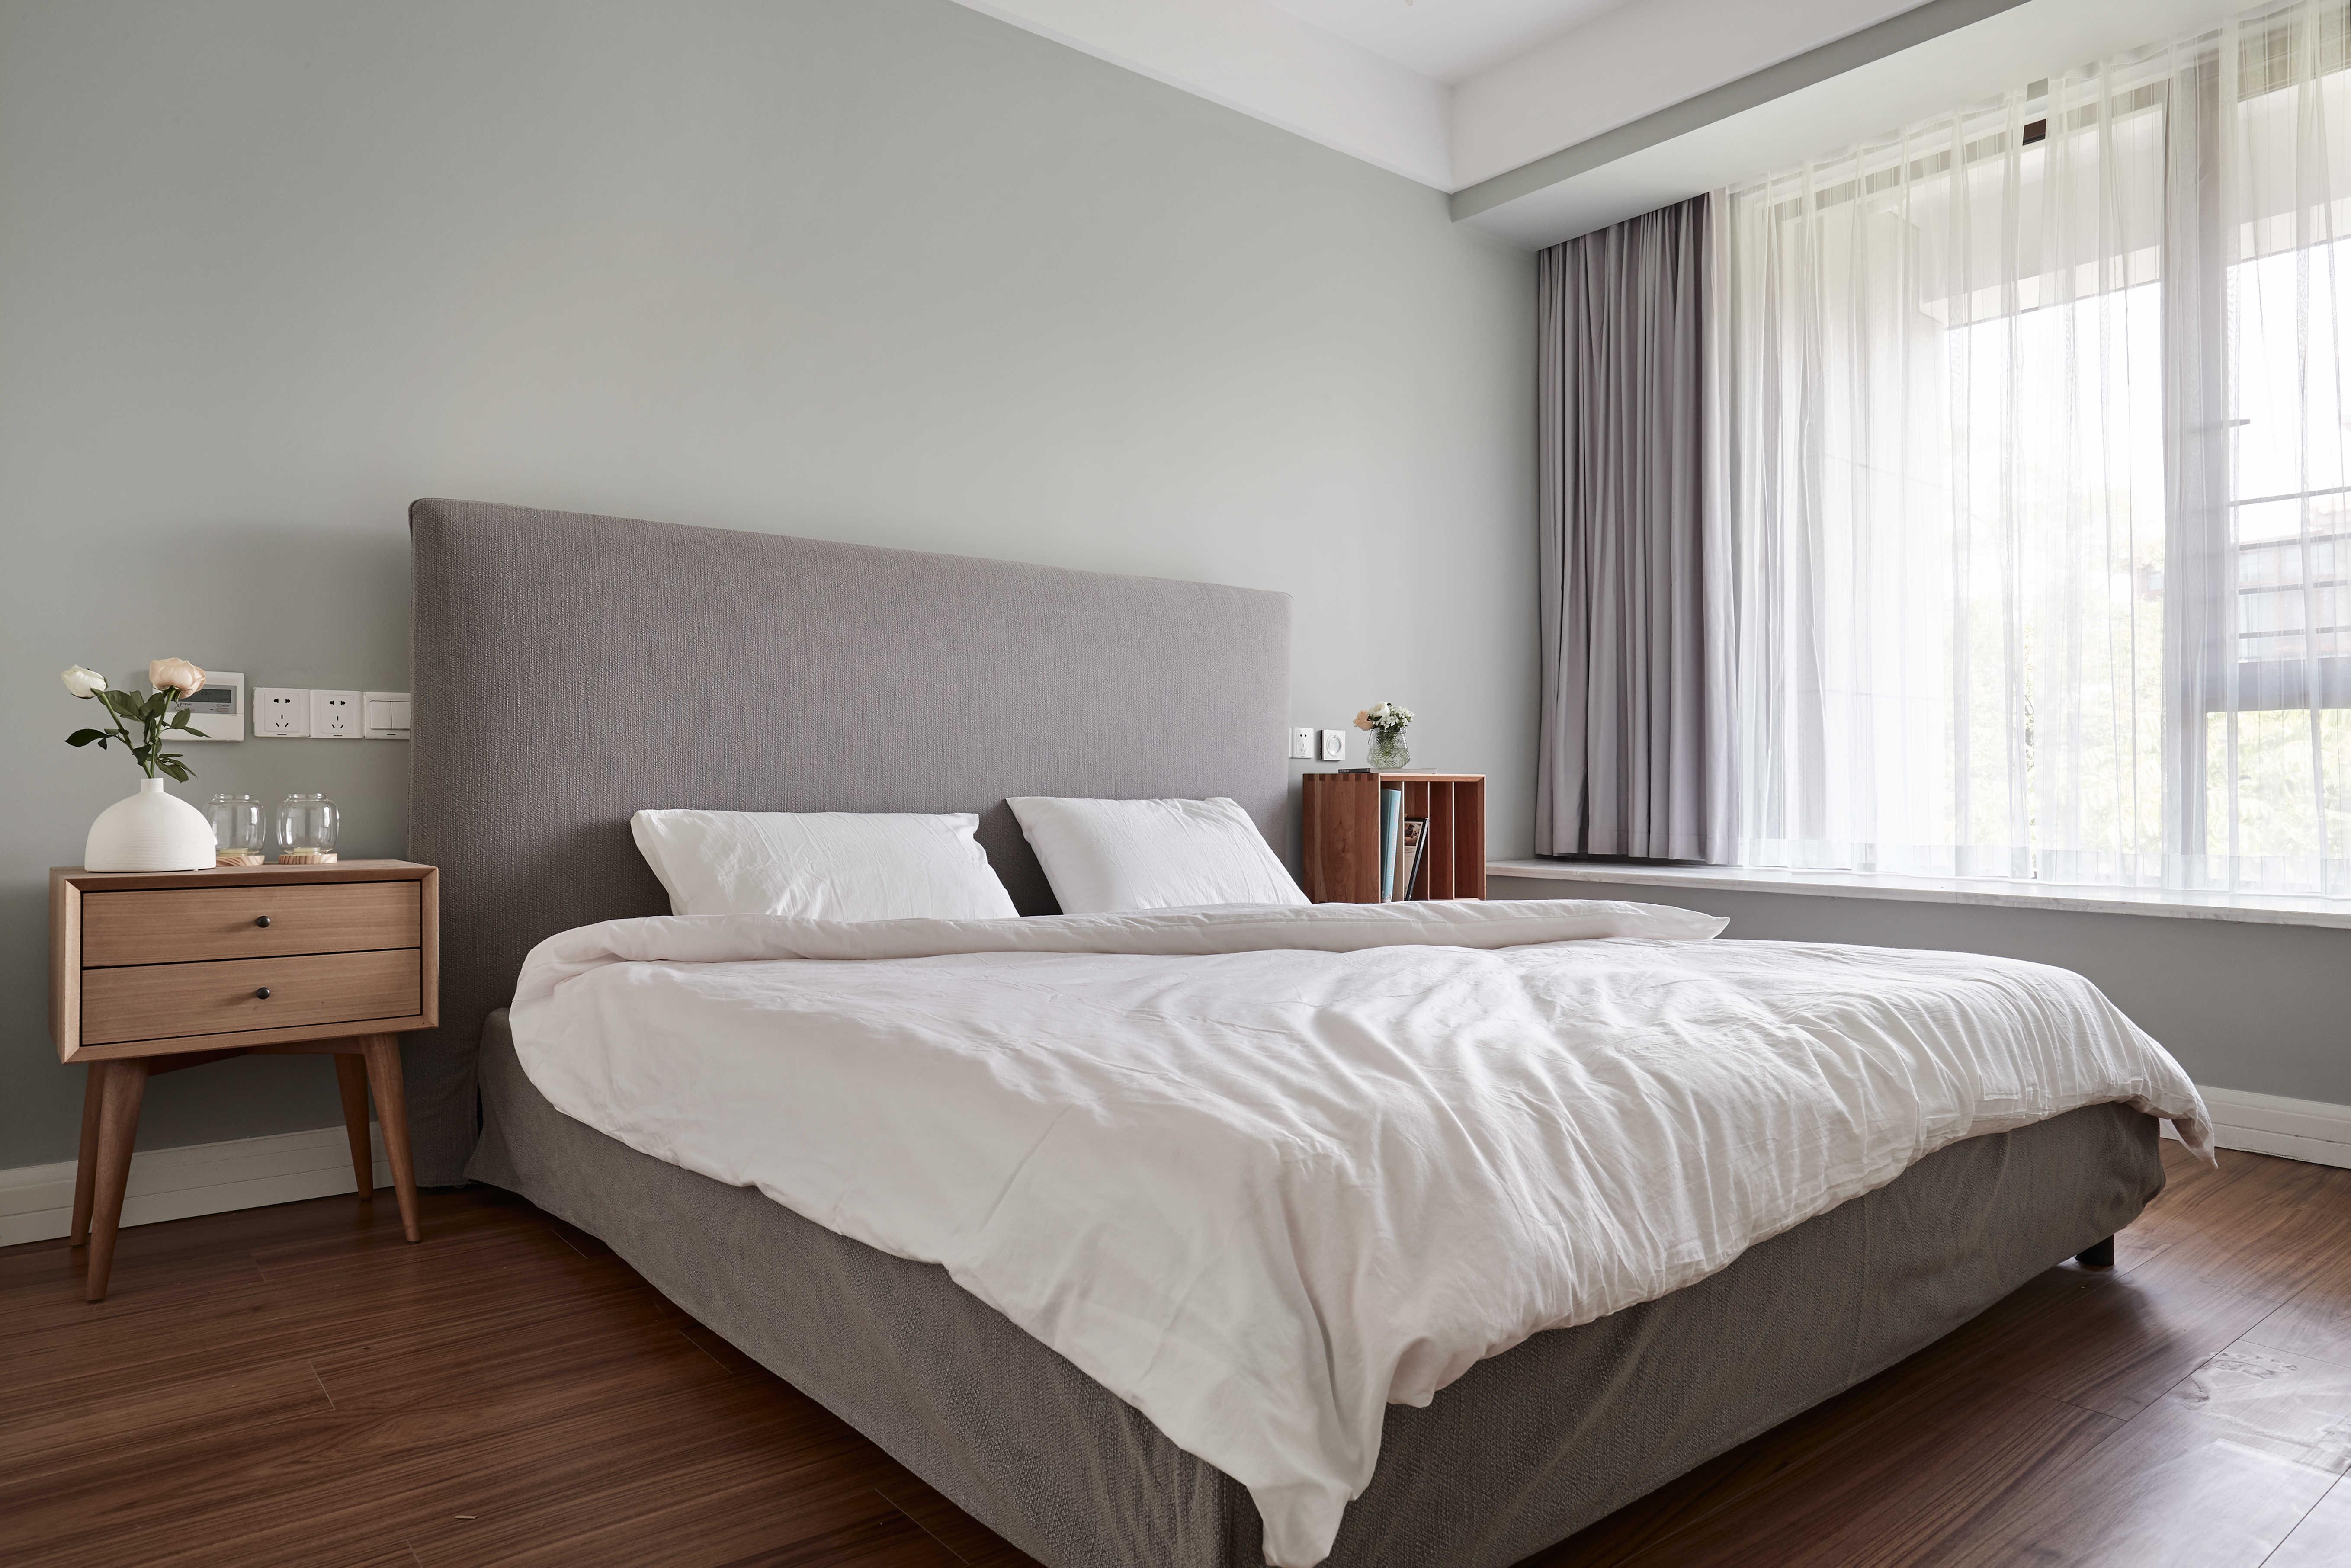 卧室墙壁的颜色与客厅沙发的一样,抹茶色墙壁,灰色大床,木纹地板,色彩图片